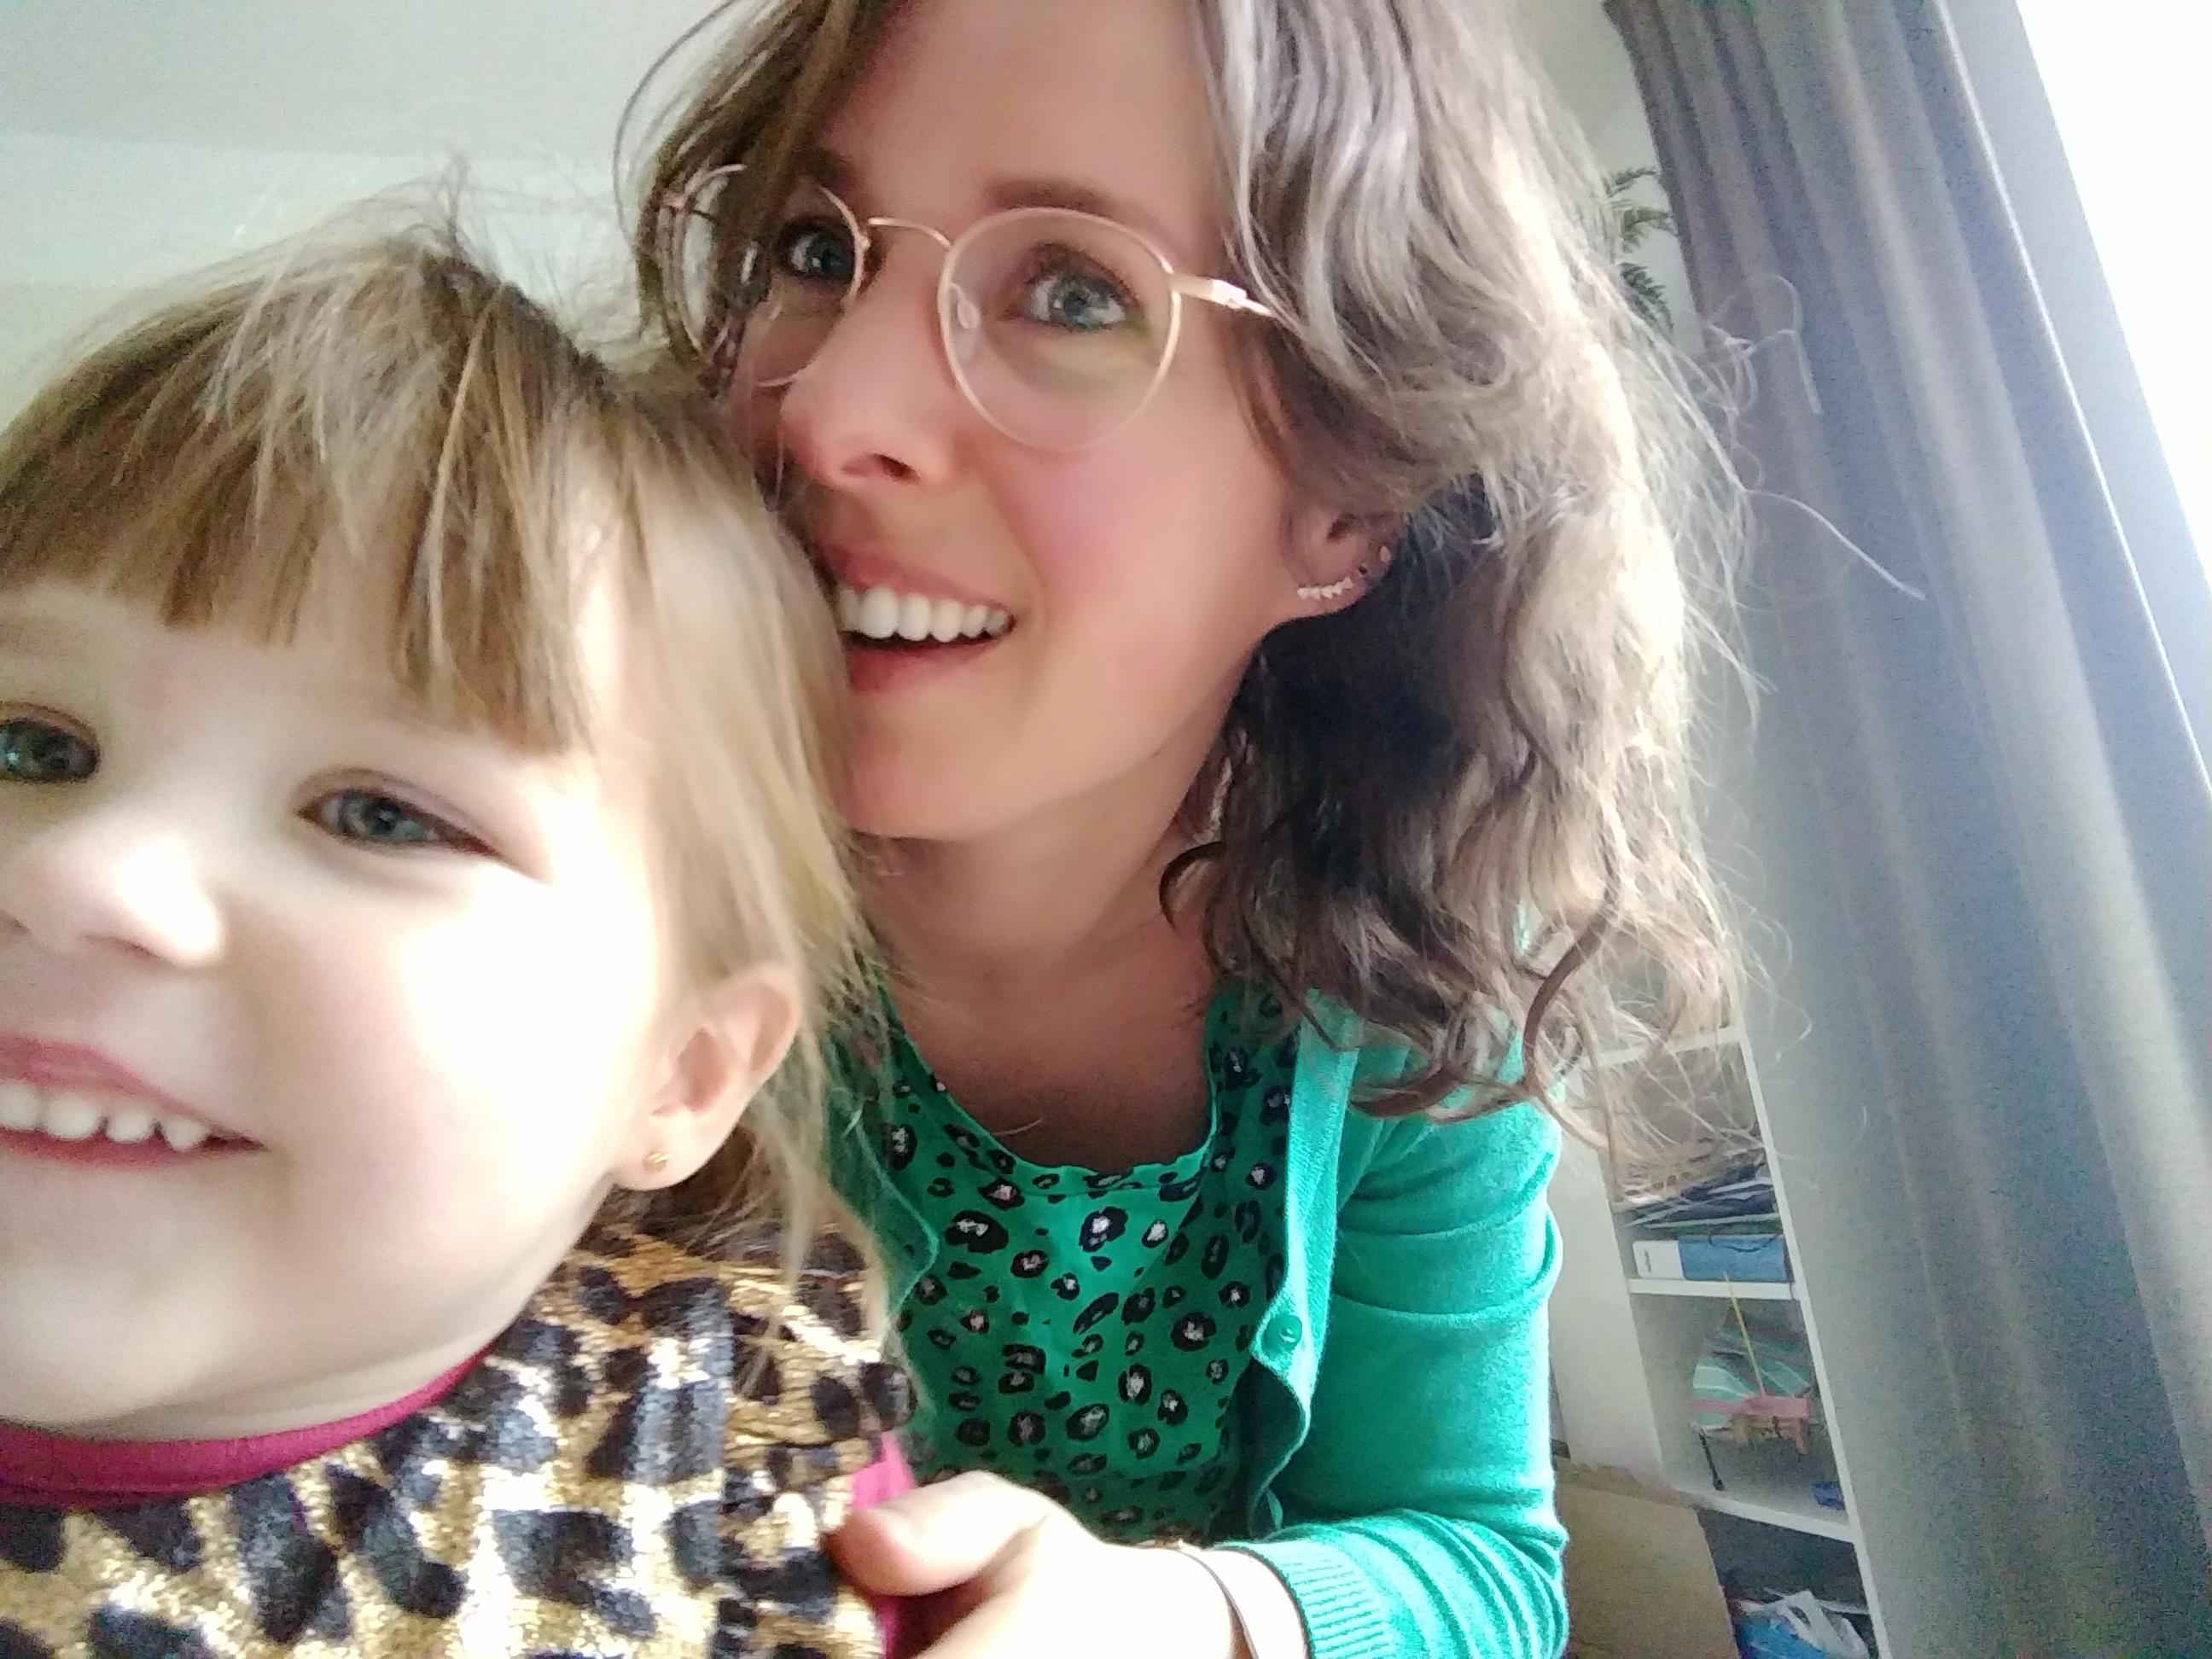 oorbellen kind, oorbellen peuter, mamablog, mamalifestyleblog, juwelier, blog, lalog.nl, lalogblog